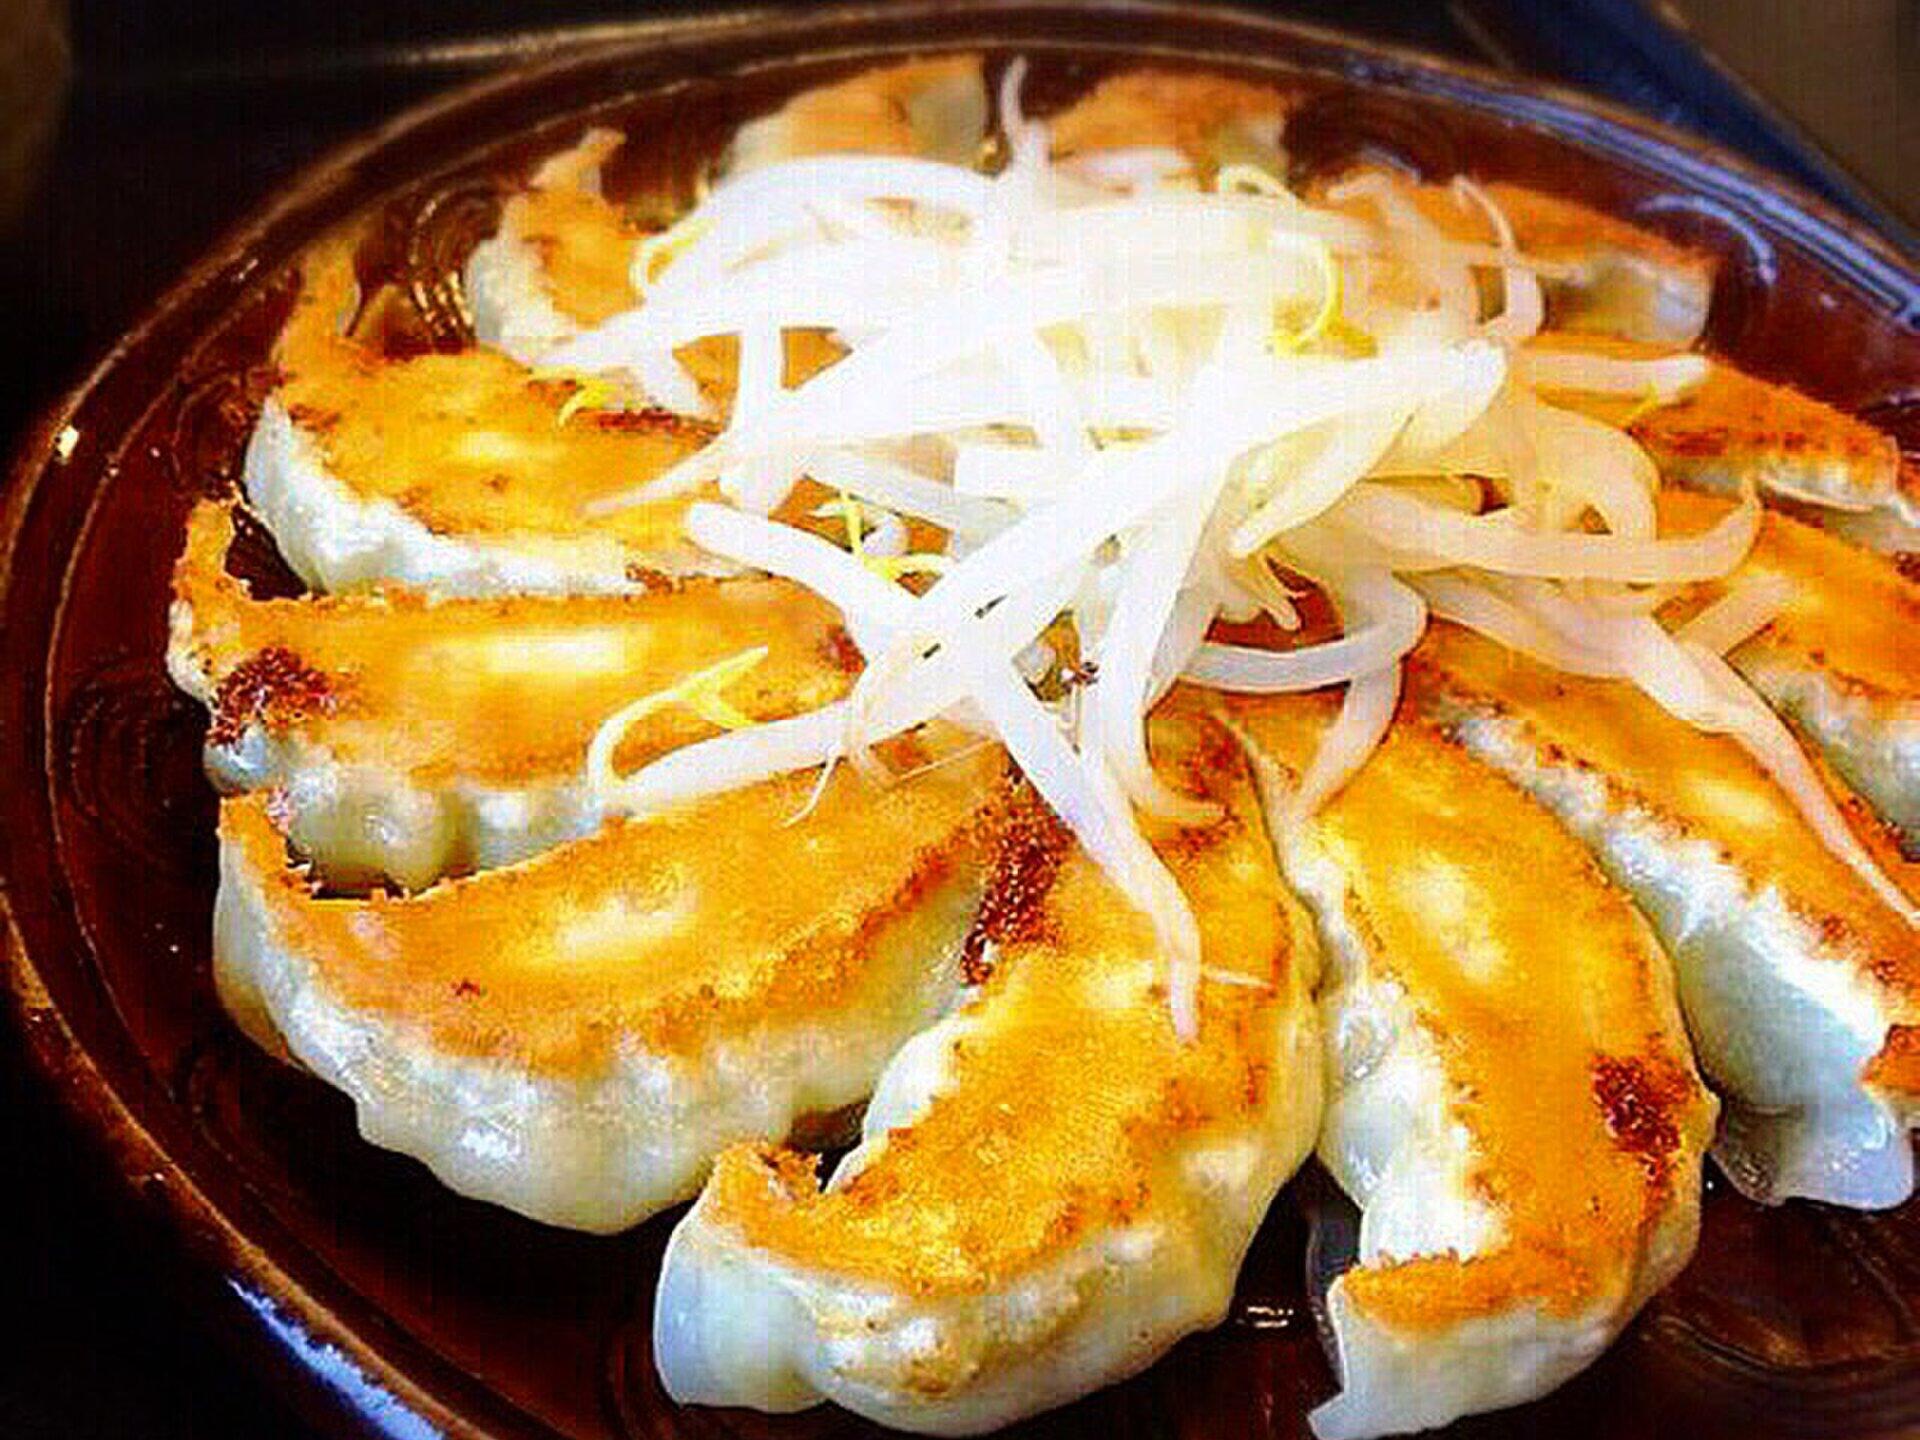 【東京人気餃子ランキングベストTOP10】老舗餃子におしゃれ餃子!本当に美味しいギョーザ特集!